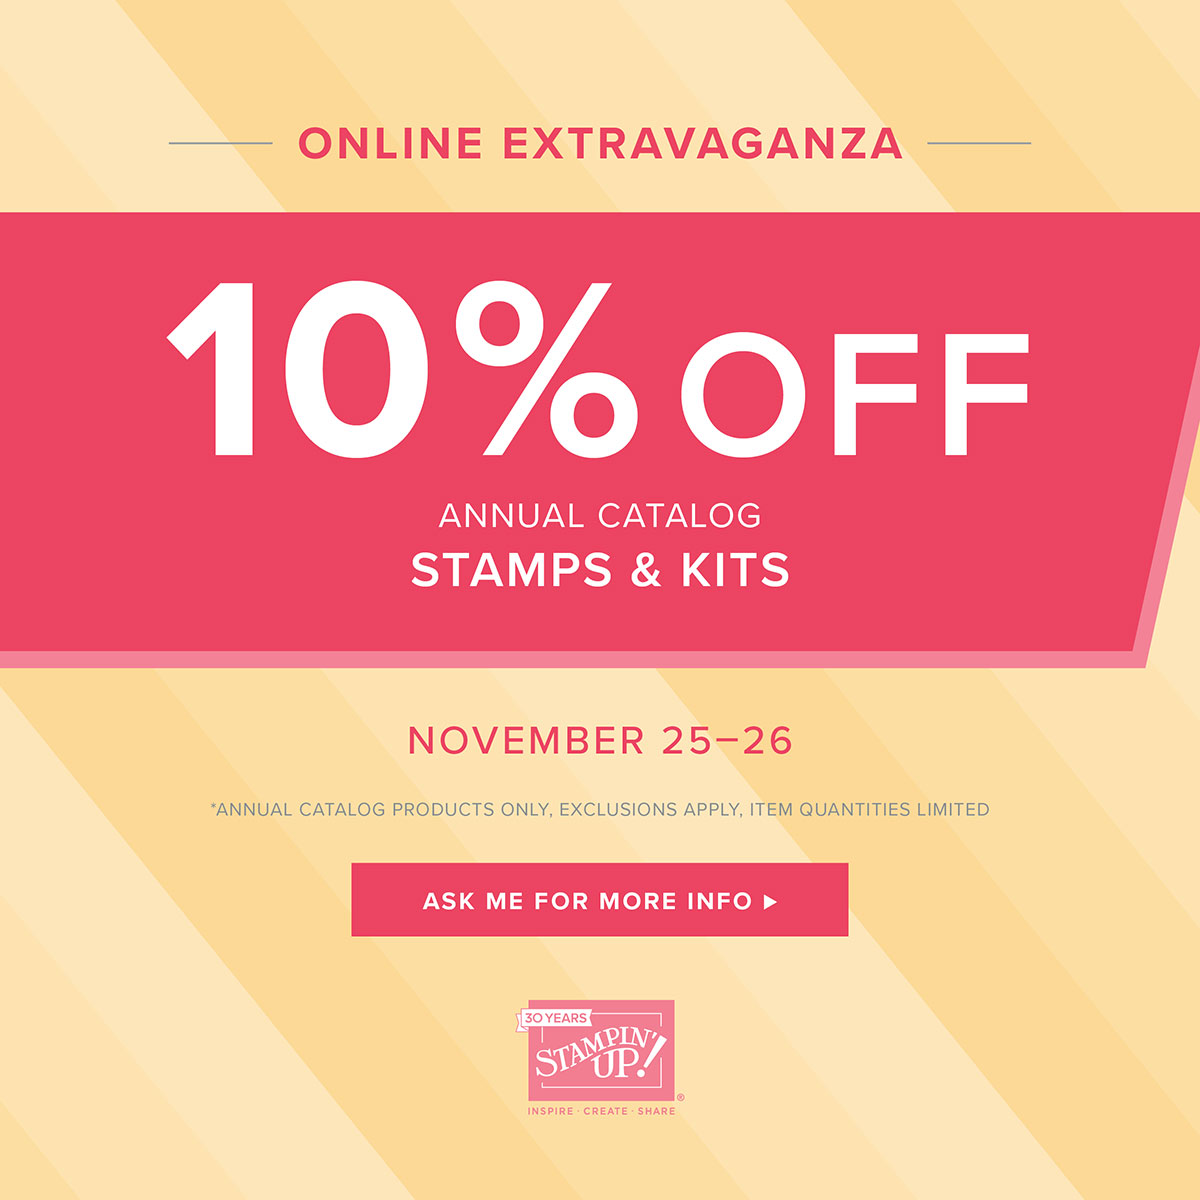 Online Extravaganza Nov 25, 26 2018